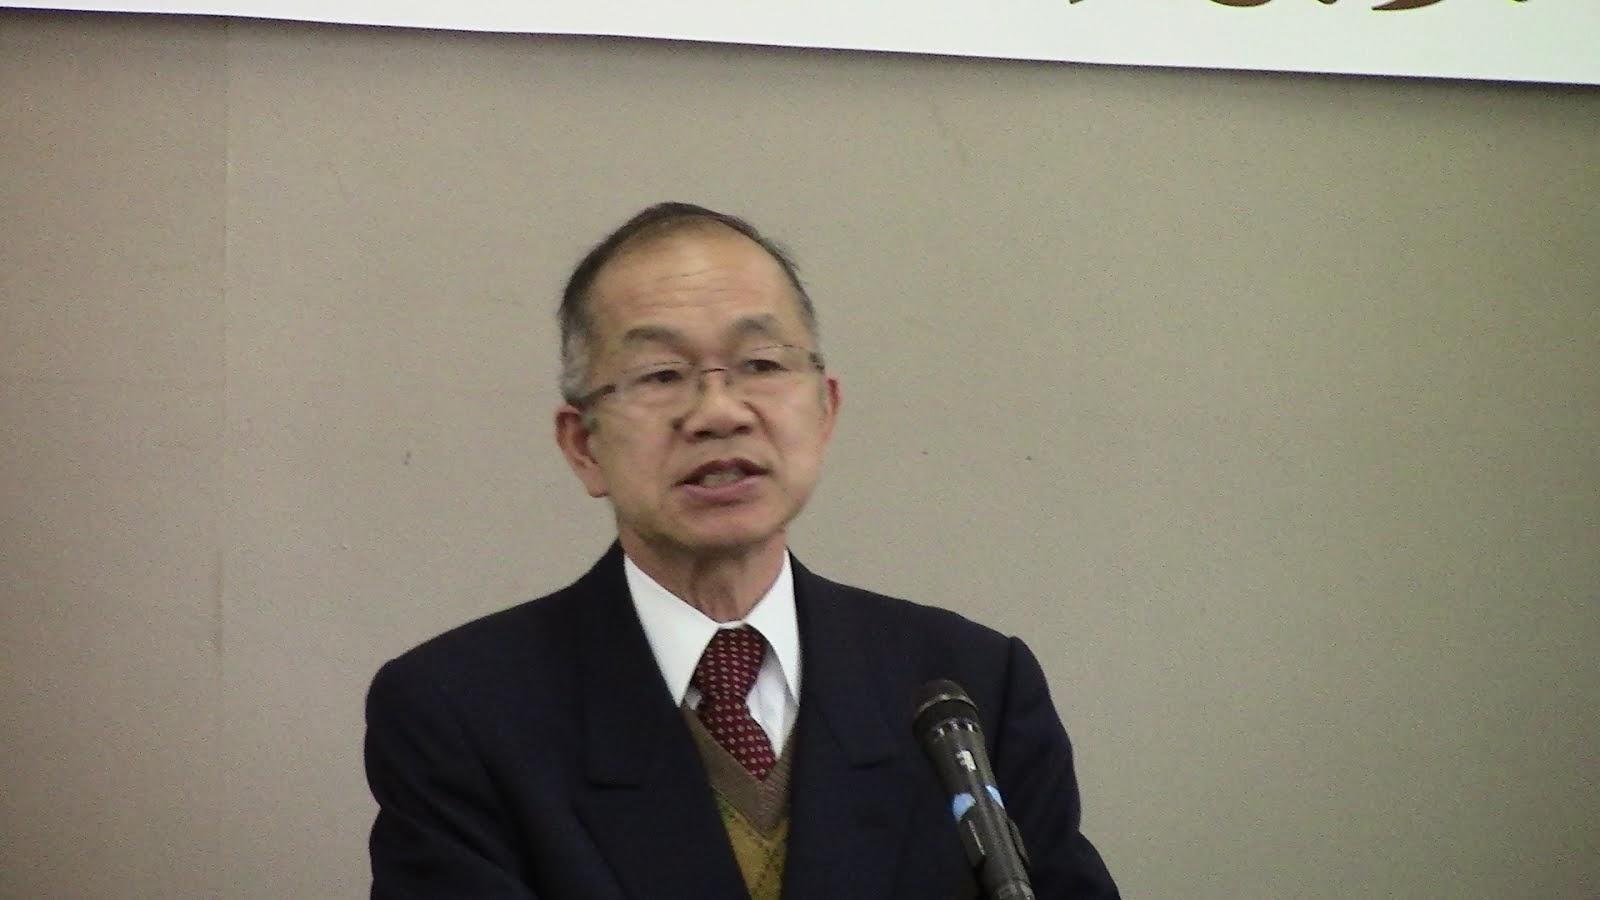 新堰義昭(代表世話人)    東久留米の4会派7市議のような共同を広げよう!